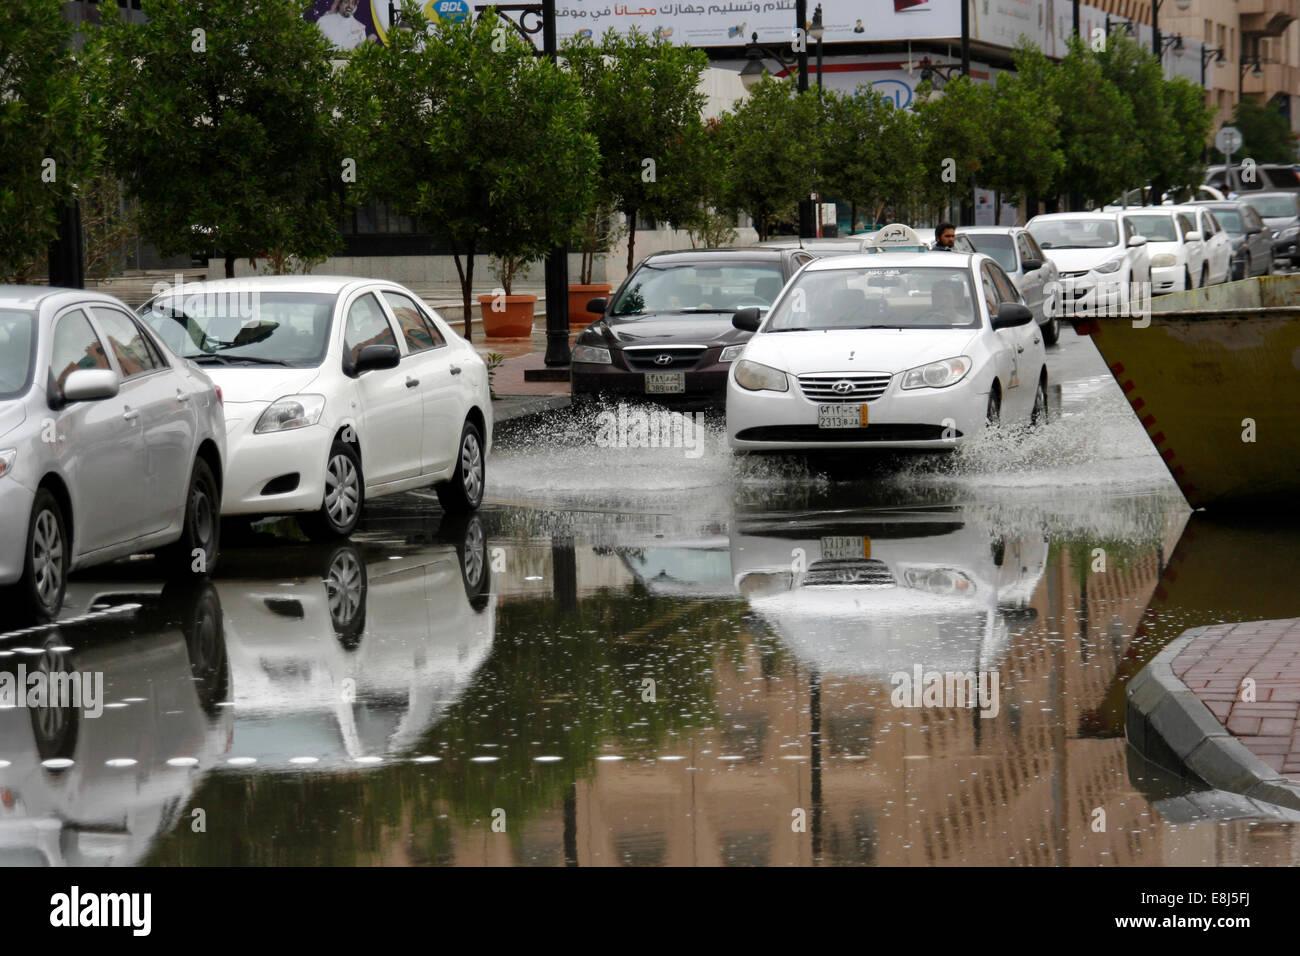 Un taxi conduit par l'agglomération de l'eau de pluie dans les rues de Riyadh, Arabie Saoudite Photo Stock